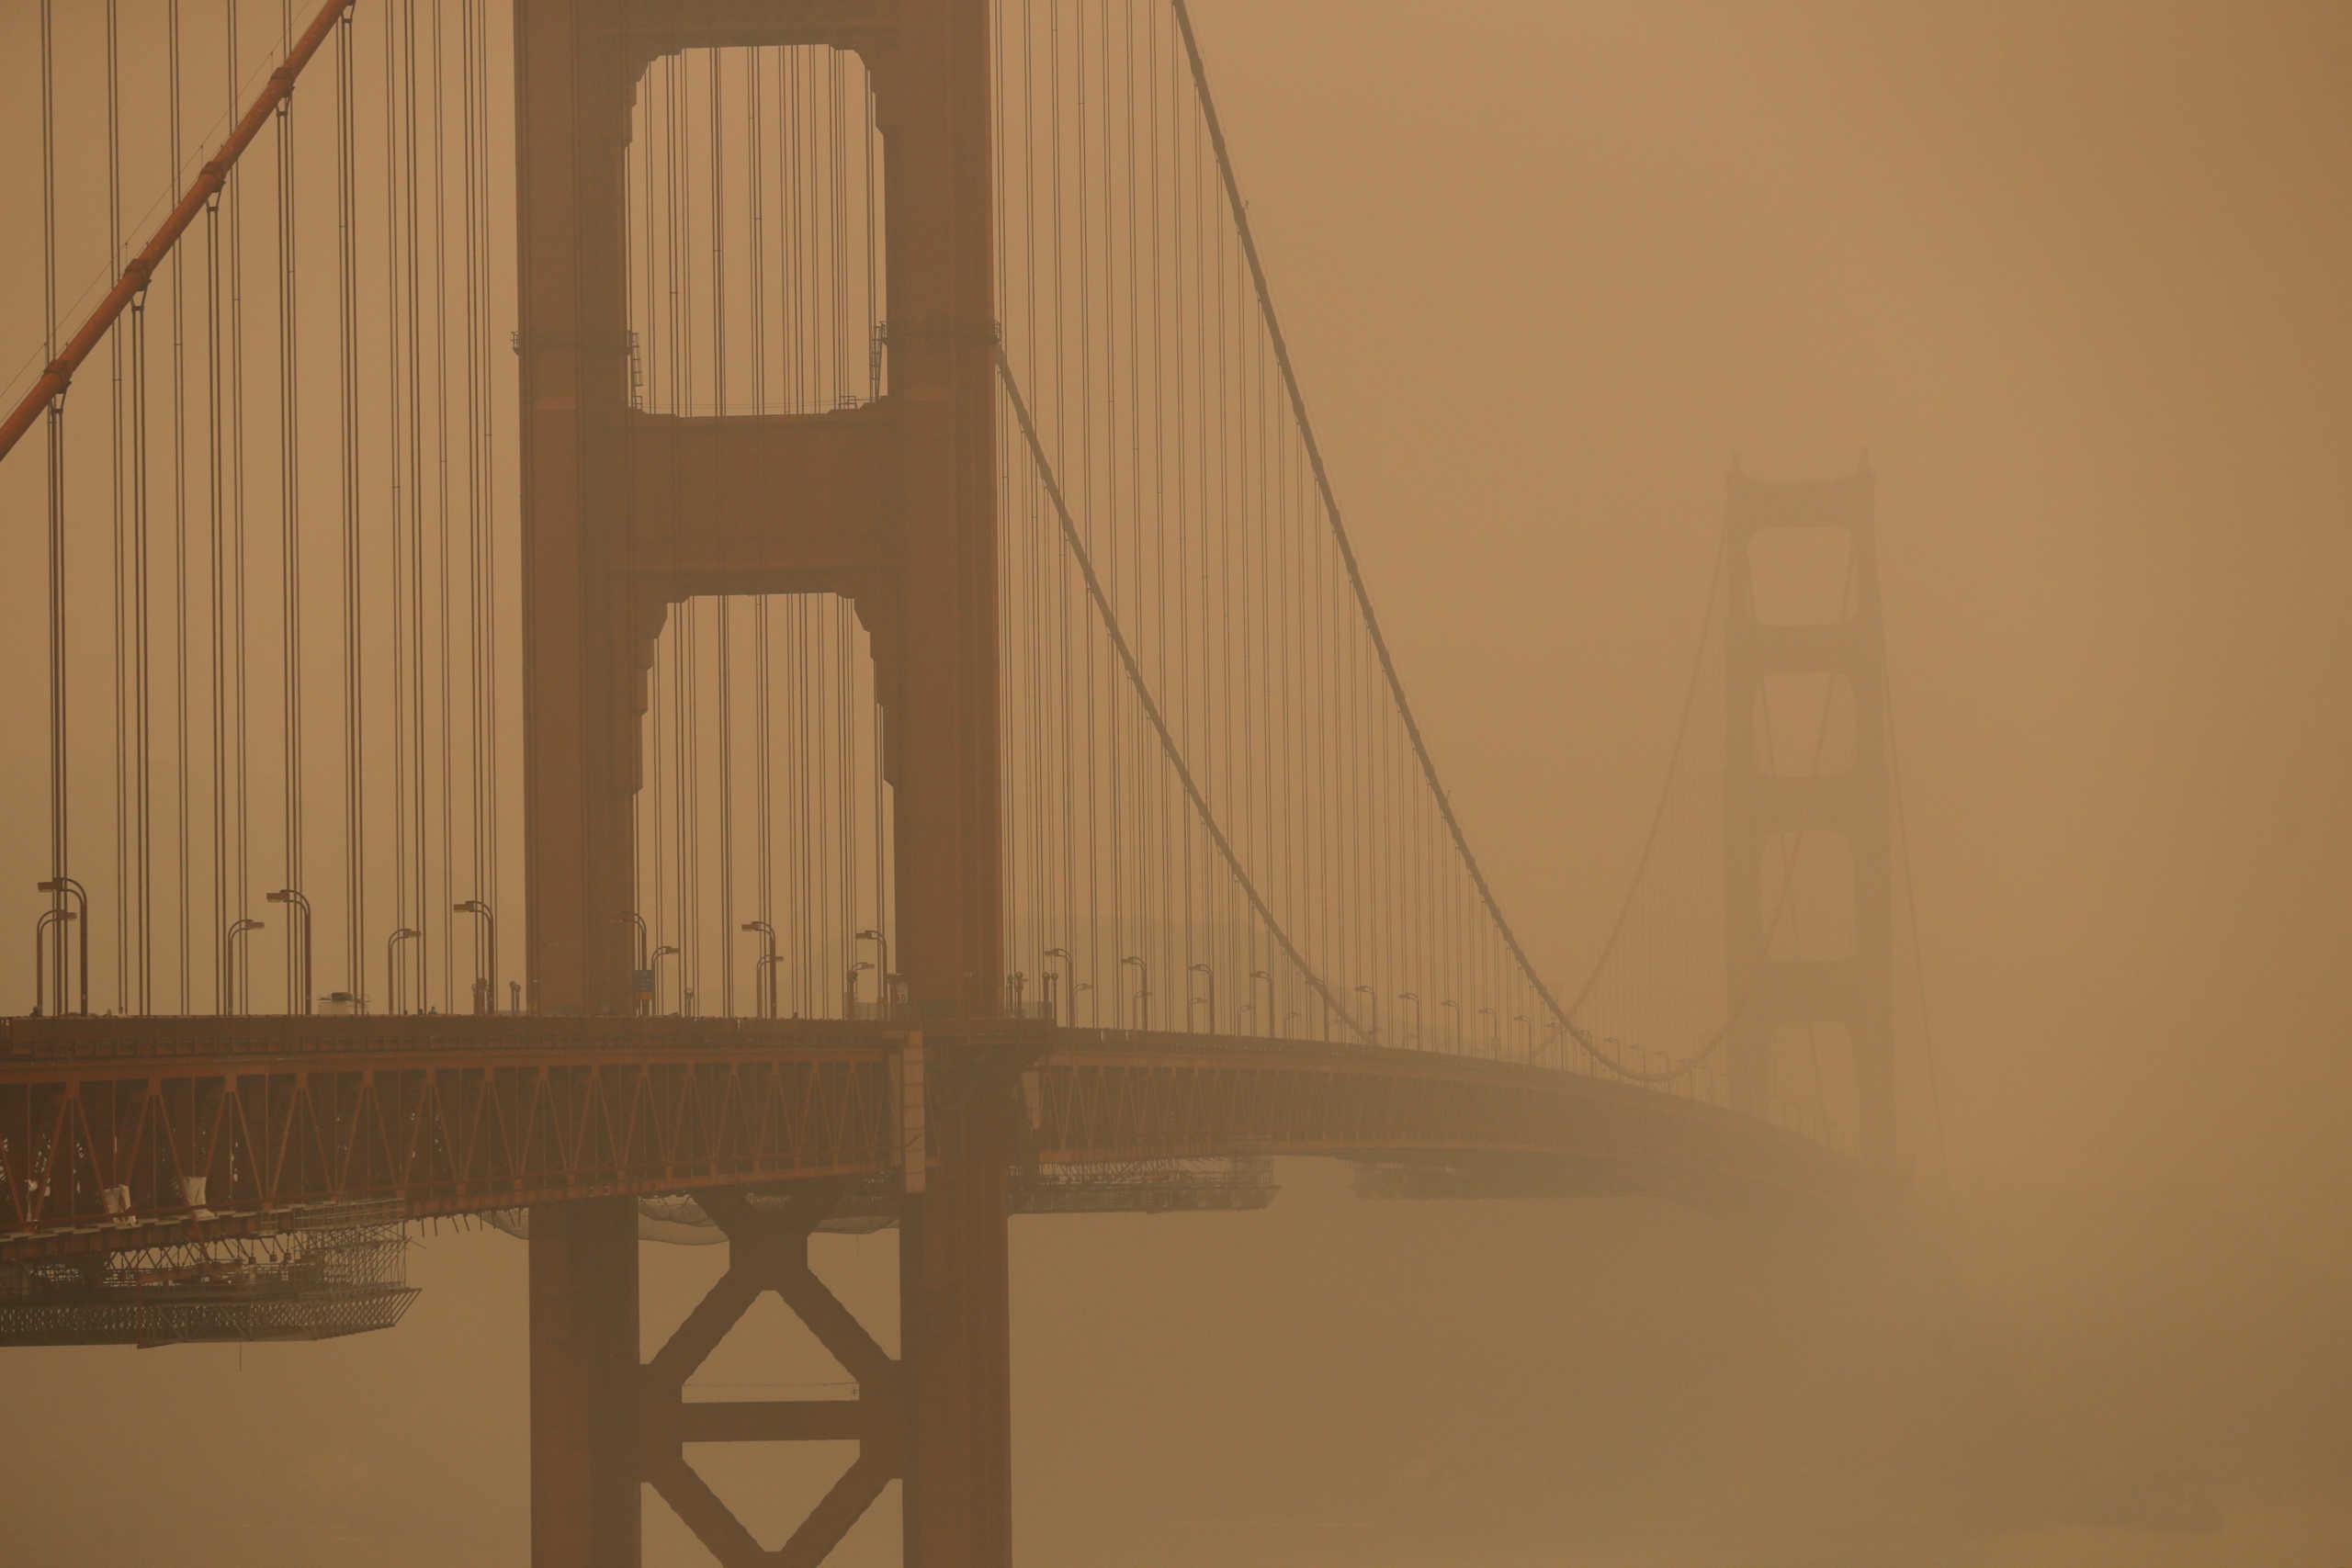 Καταστρέφονται Όρεγκον και Καλιφόρνια! 15 νεκροί και εκατοντάδες χιλιάδες άστεγοι από τις τεράστιες φωτιές (pics)